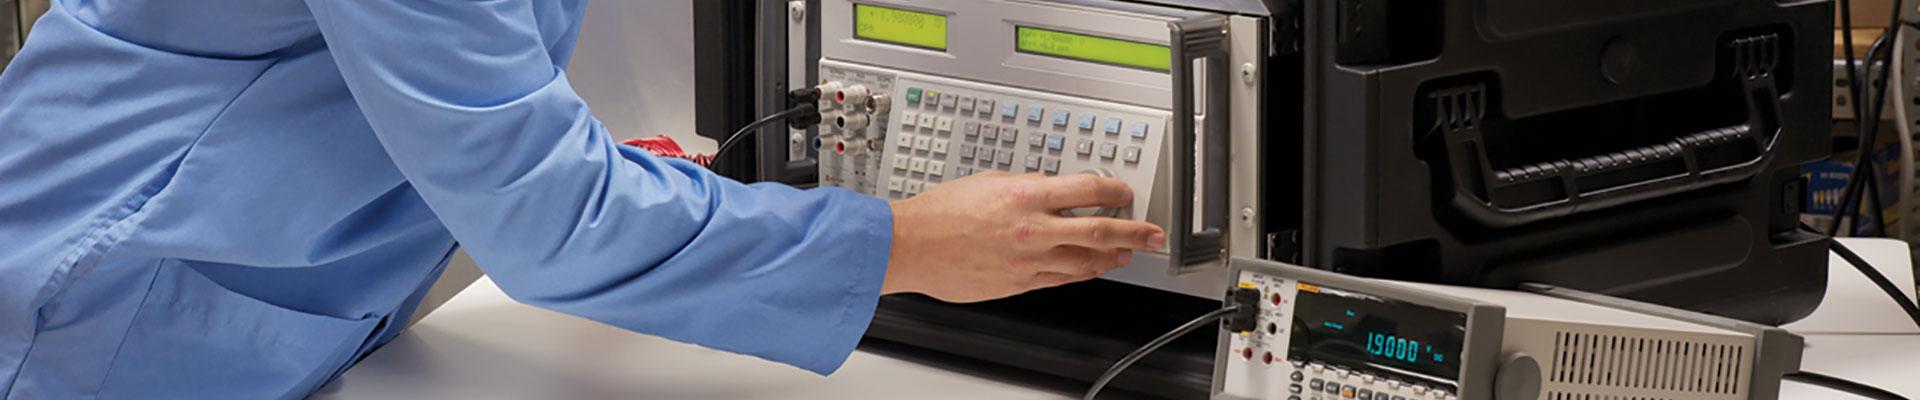 Kalibreringsutstyr